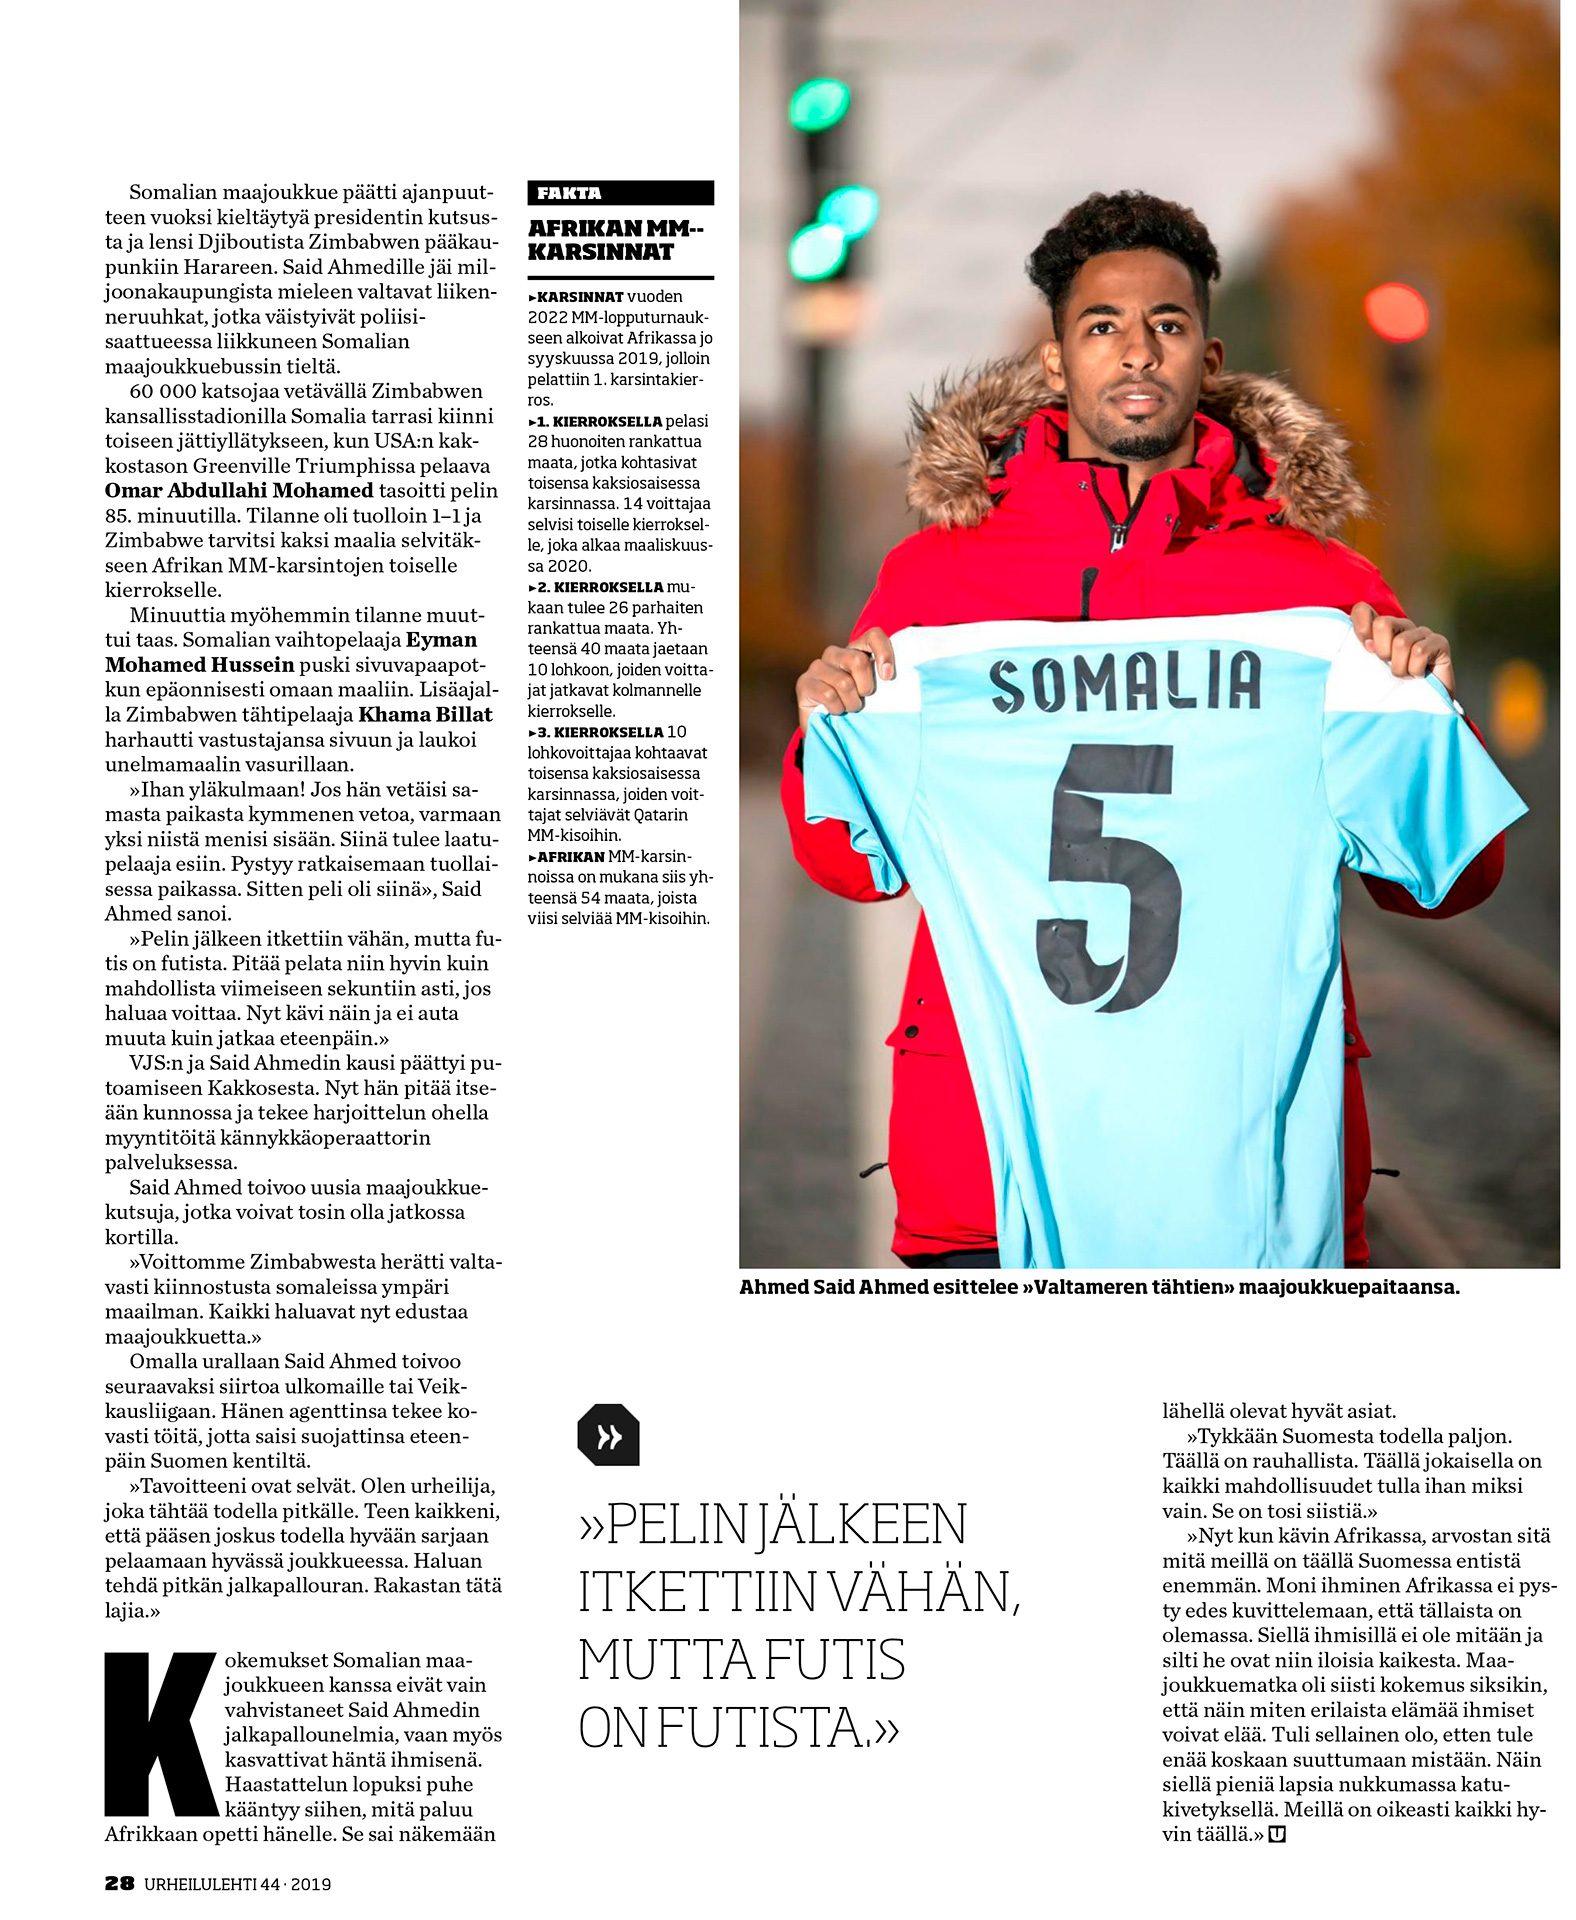 Urheilu Lehti, Ahmed Said Ahmed, footballer, suomalainen jalkapalloilija